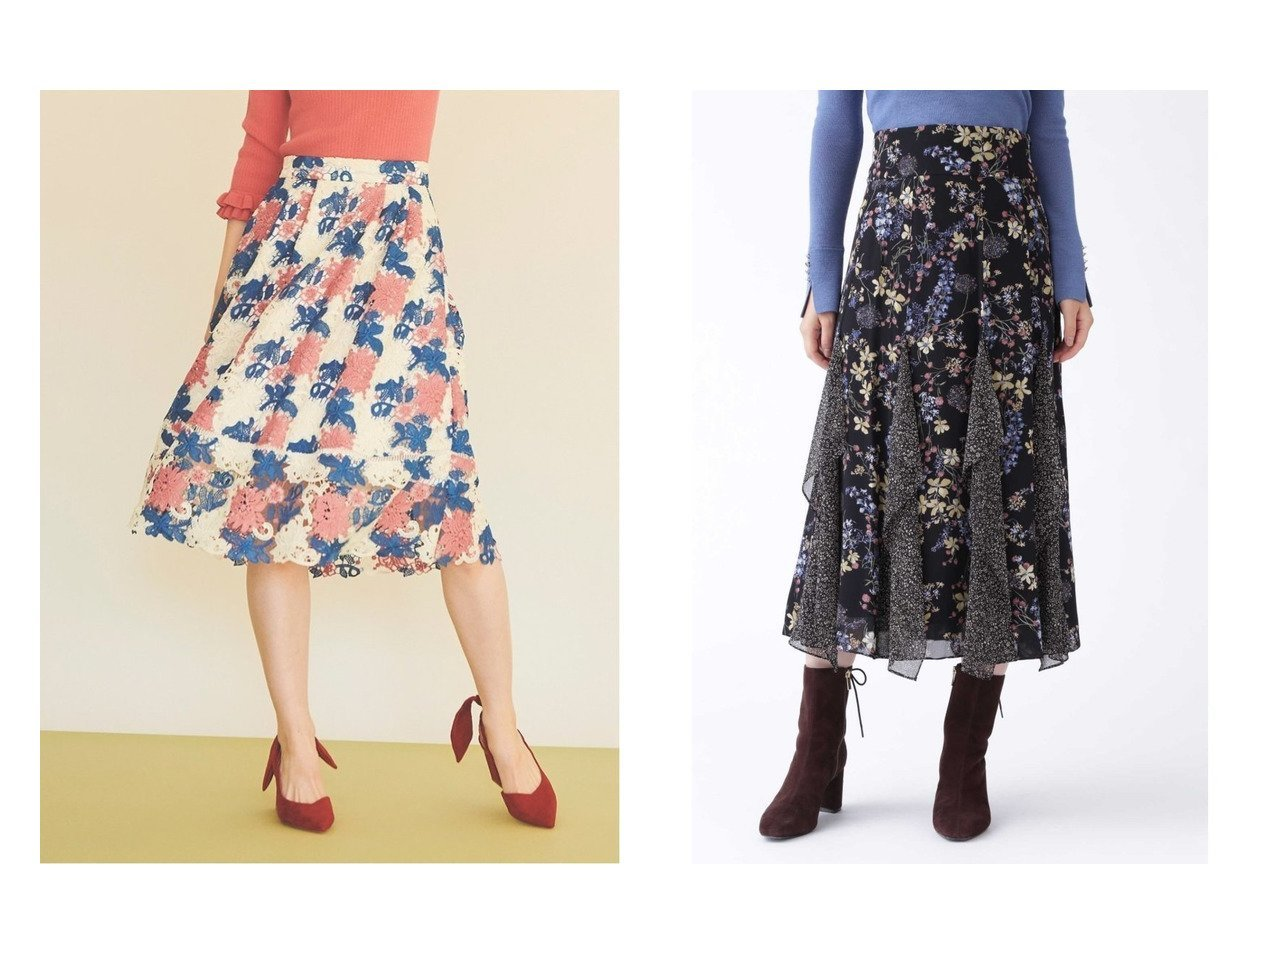 【JILLSTUART/ジルスチュアート】のミックススフラワープリントスカート&【31 Sons de mode/トランテアン ソン ドゥ モード】のケミカルレースフレアスカート スカートのおすすめ!人気、トレンド・レディースファッションの通販 おすすめで人気の流行・トレンド、ファッションの通販商品 メンズファッション・キッズファッション・インテリア・家具・レディースファッション・服の通販 founy(ファニー) https://founy.com/ ファッション Fashion レディースファッション WOMEN スカート Skirt Aライン/フレアスカート Flared A-Line Skirts シフォン ジョーゼット フェミニン プリント ボタニカル NEW・新作・新着・新入荷 New Arrivals 2021年 2021 2021 春夏 S/S SS Spring/Summer 2021 S/S 春夏 SS Spring/Summer シンプル フレア 春 Spring |ID:crp329100000011764